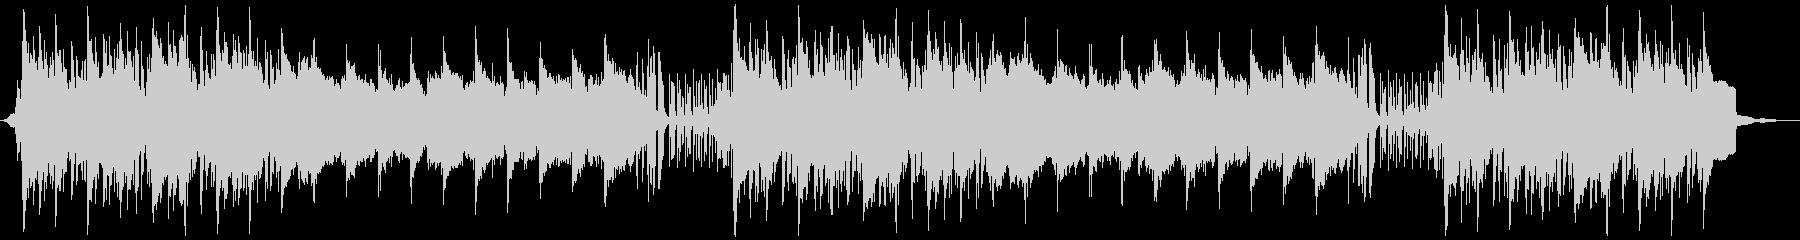 アコーディオンと笛がメインの村BGMの未再生の波形